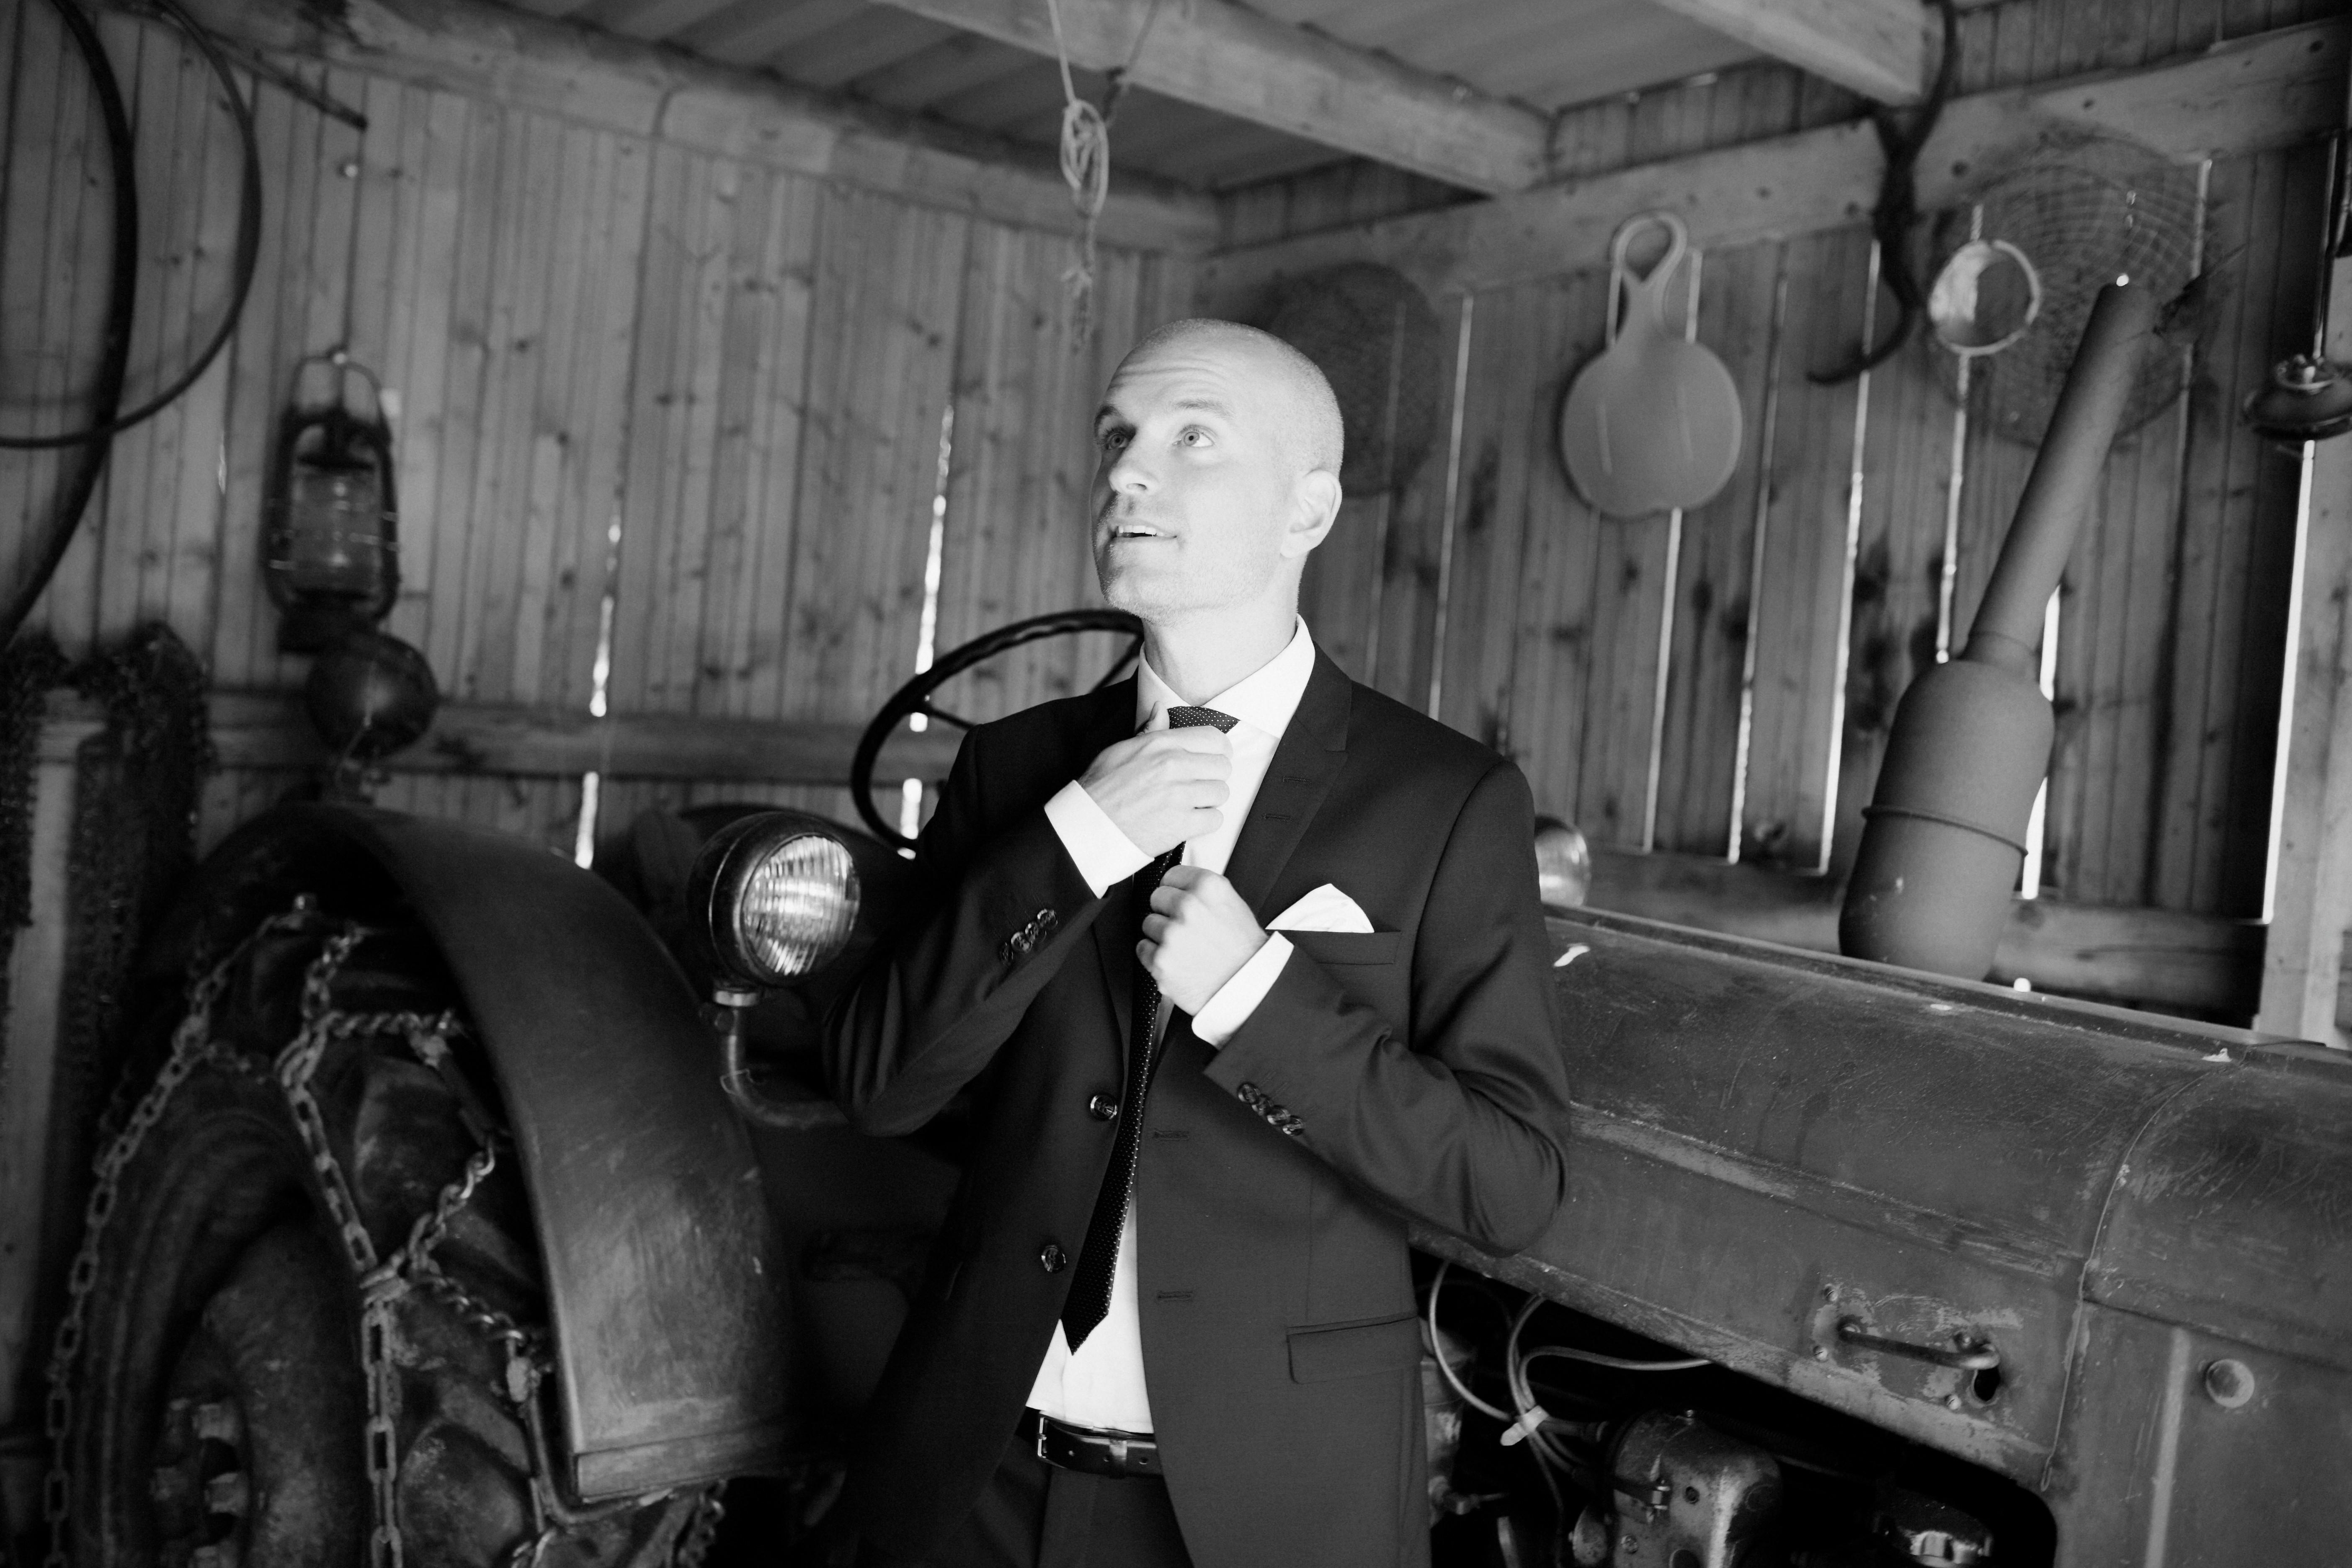 Bröllopsporträtt 4: Magnus & traktor